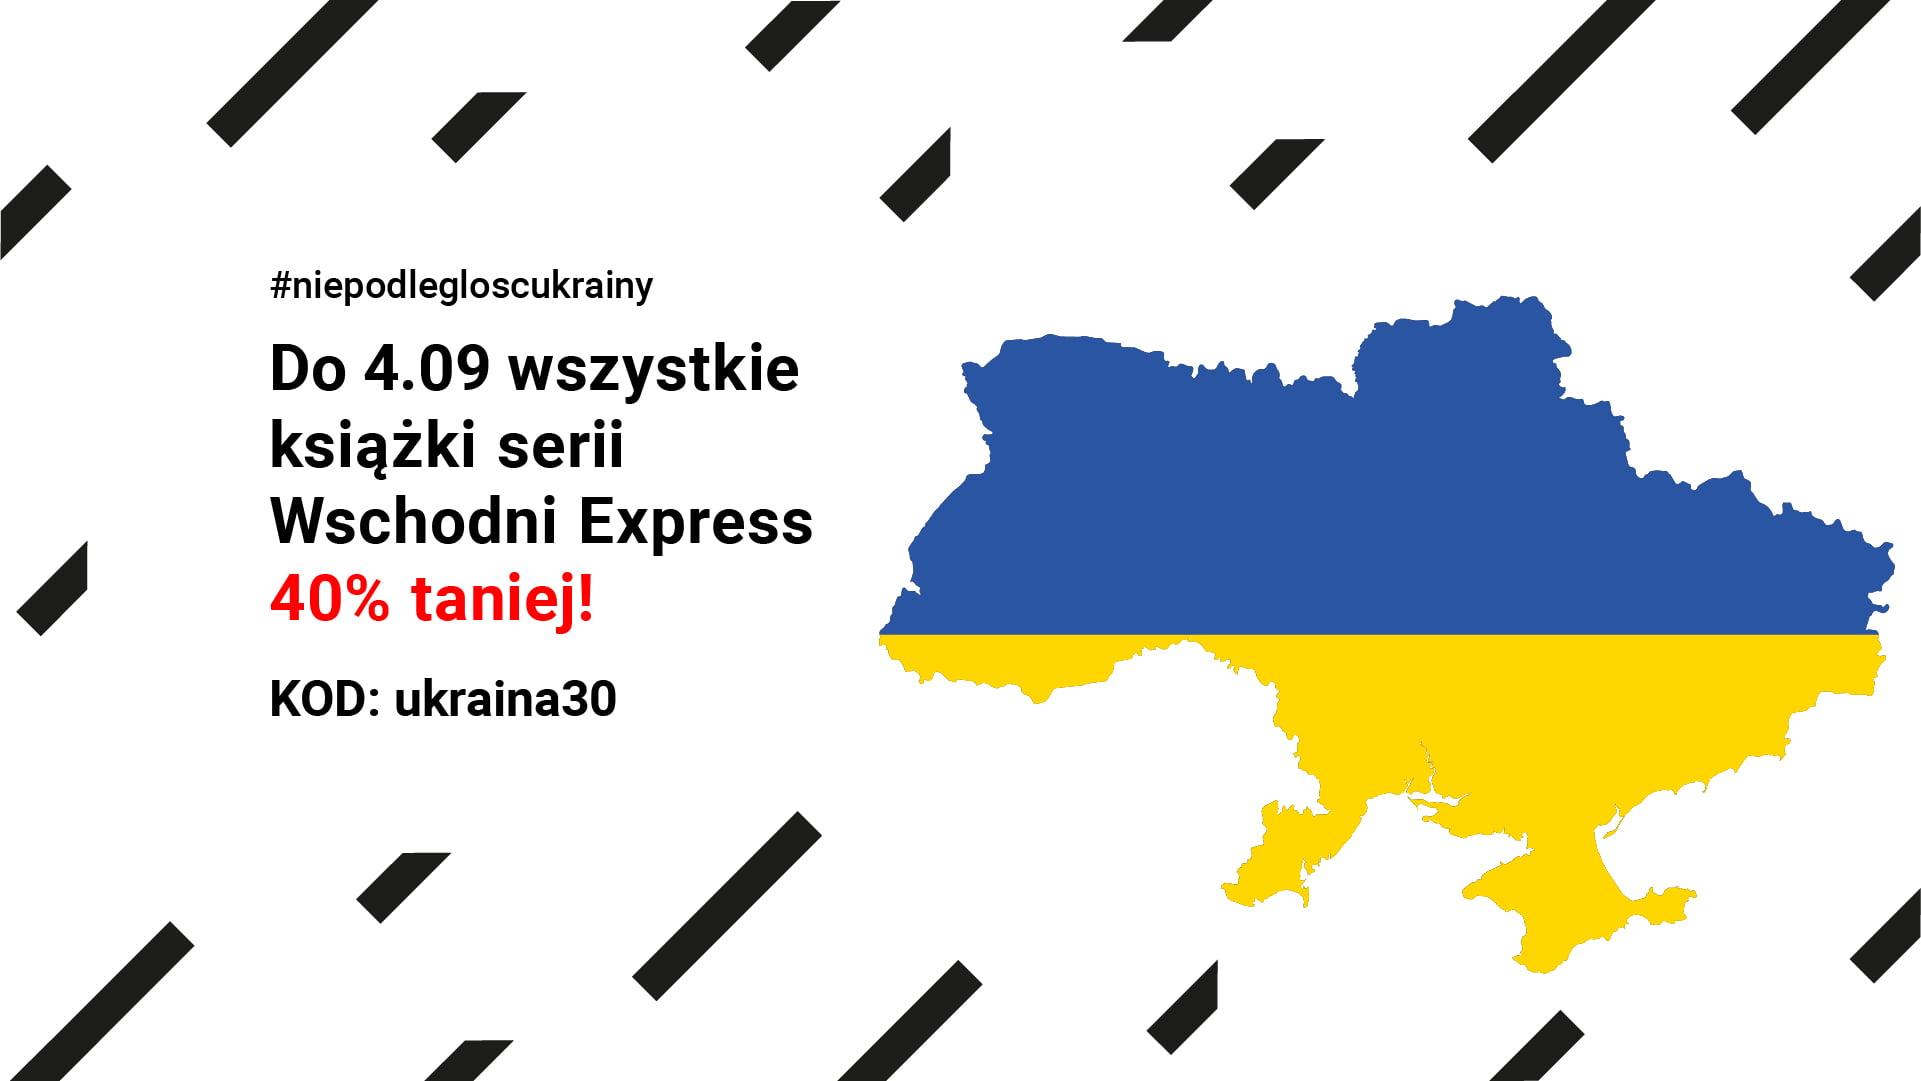 Kształt granic Ukrainy w kolorach ukraińskiej flagi. Napis #niepodlegloscukrainy Do 4.09 wszystkie książki serii Wschodni Express 40% taniej! KOD: ukraina30